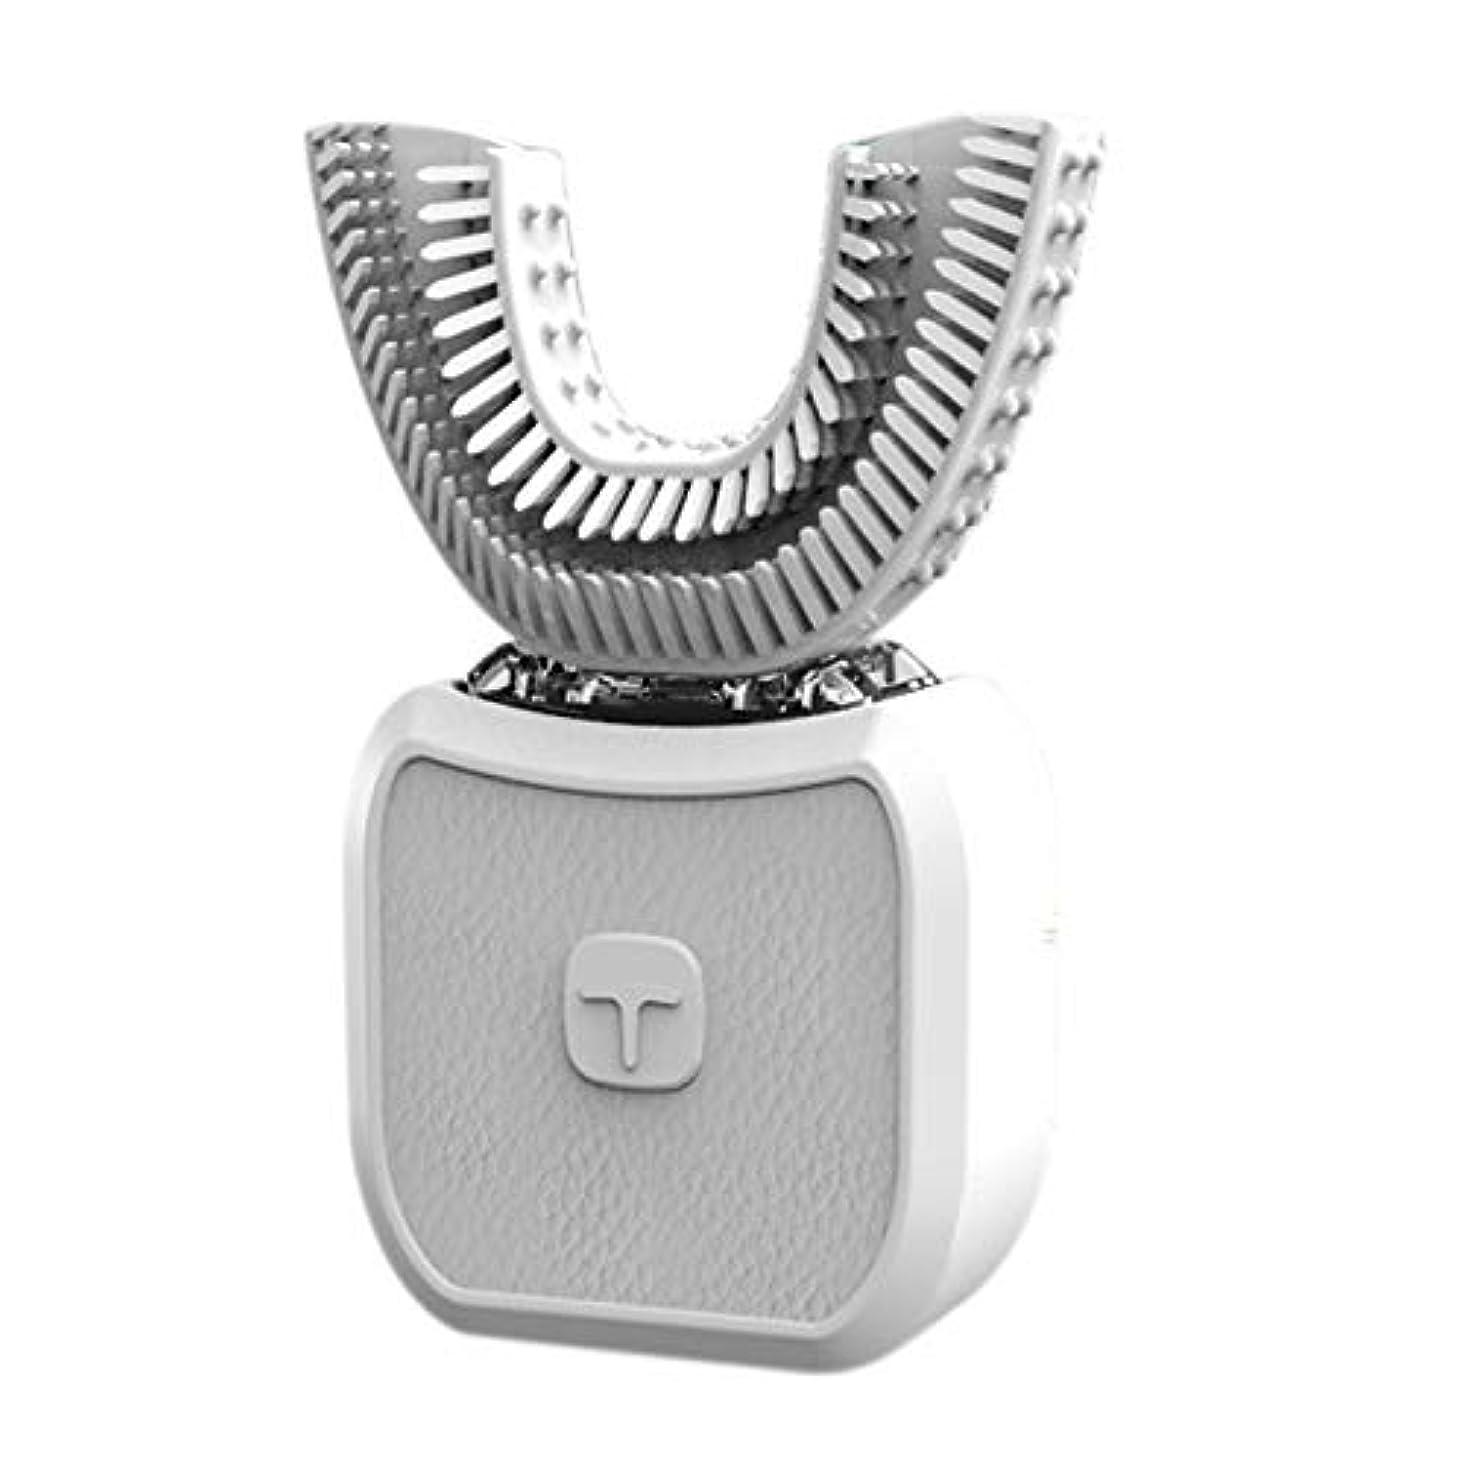 完璧頬骨コミュニケーションフルオートマチック可変周波数電動歯ブラシ、自動360度U字型電動歯ブラシ、ワイヤレス充電IPX7防水自動歯ブラシ(大人用),White